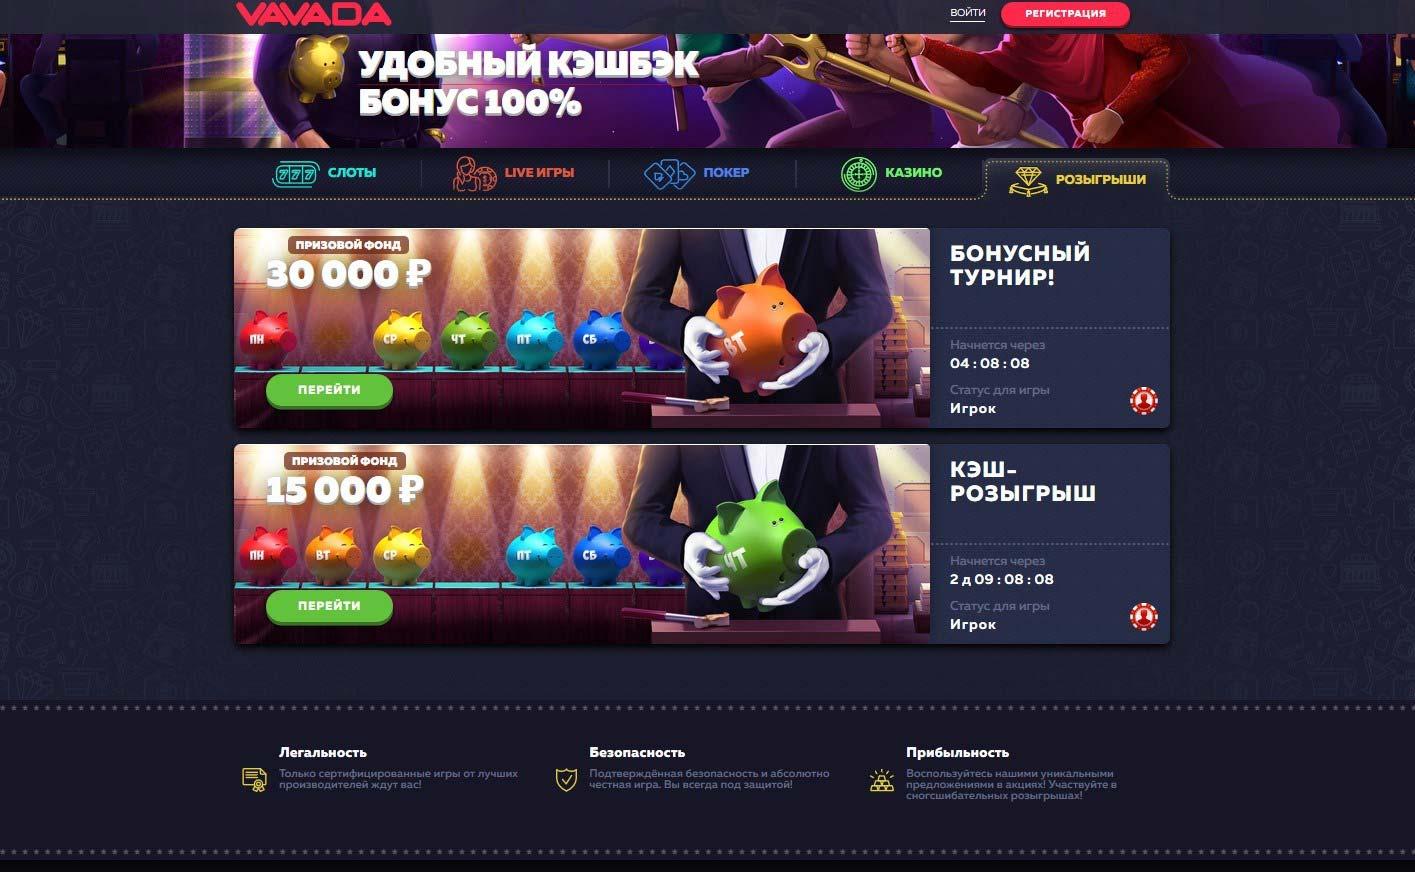 официальный сайт vavada казино бонус